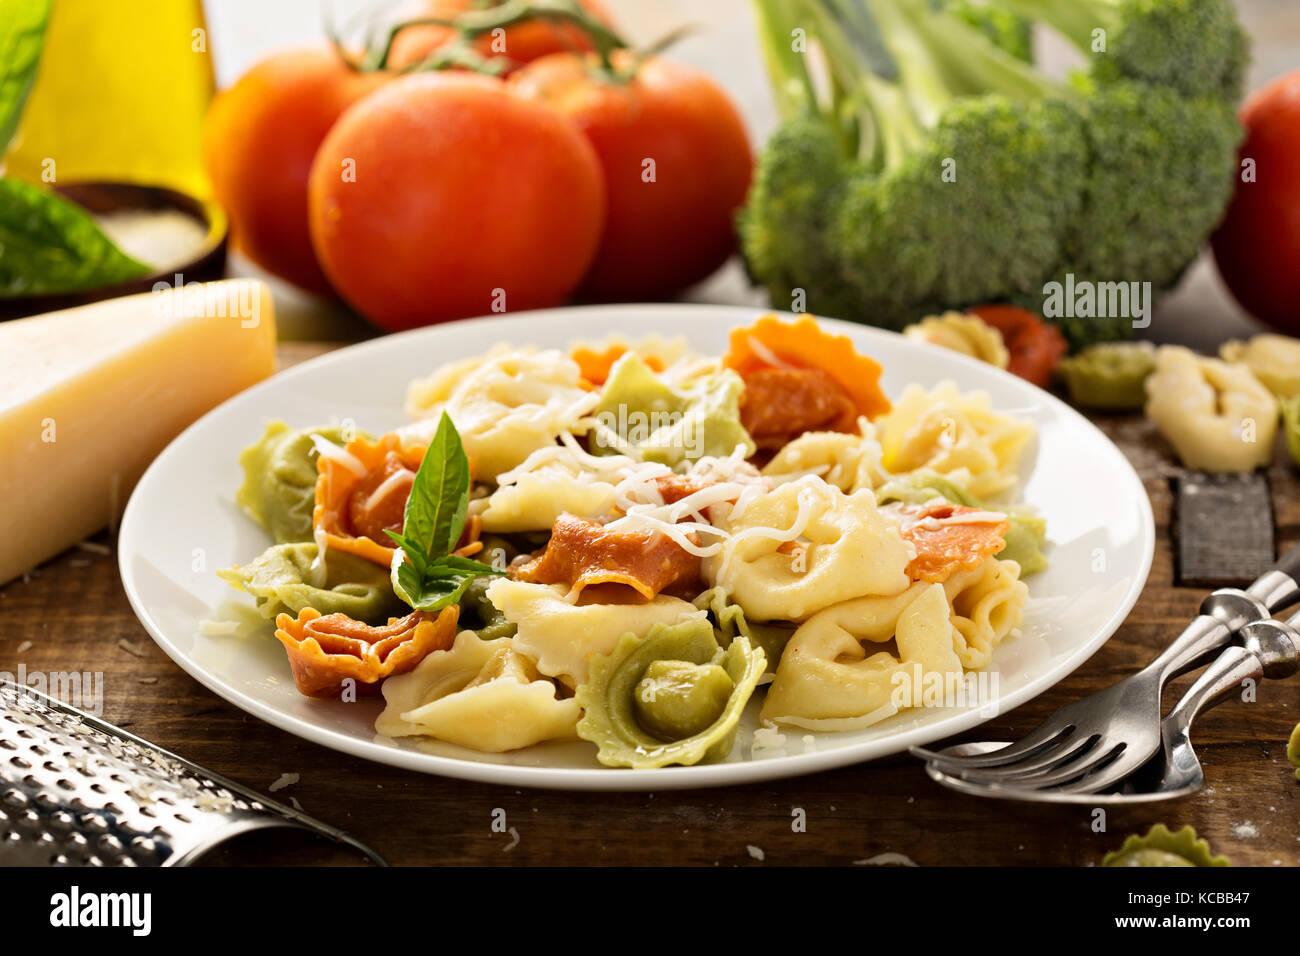 Rouge, blanc et vert avec des légumes et fromage tortellini Photo Stock